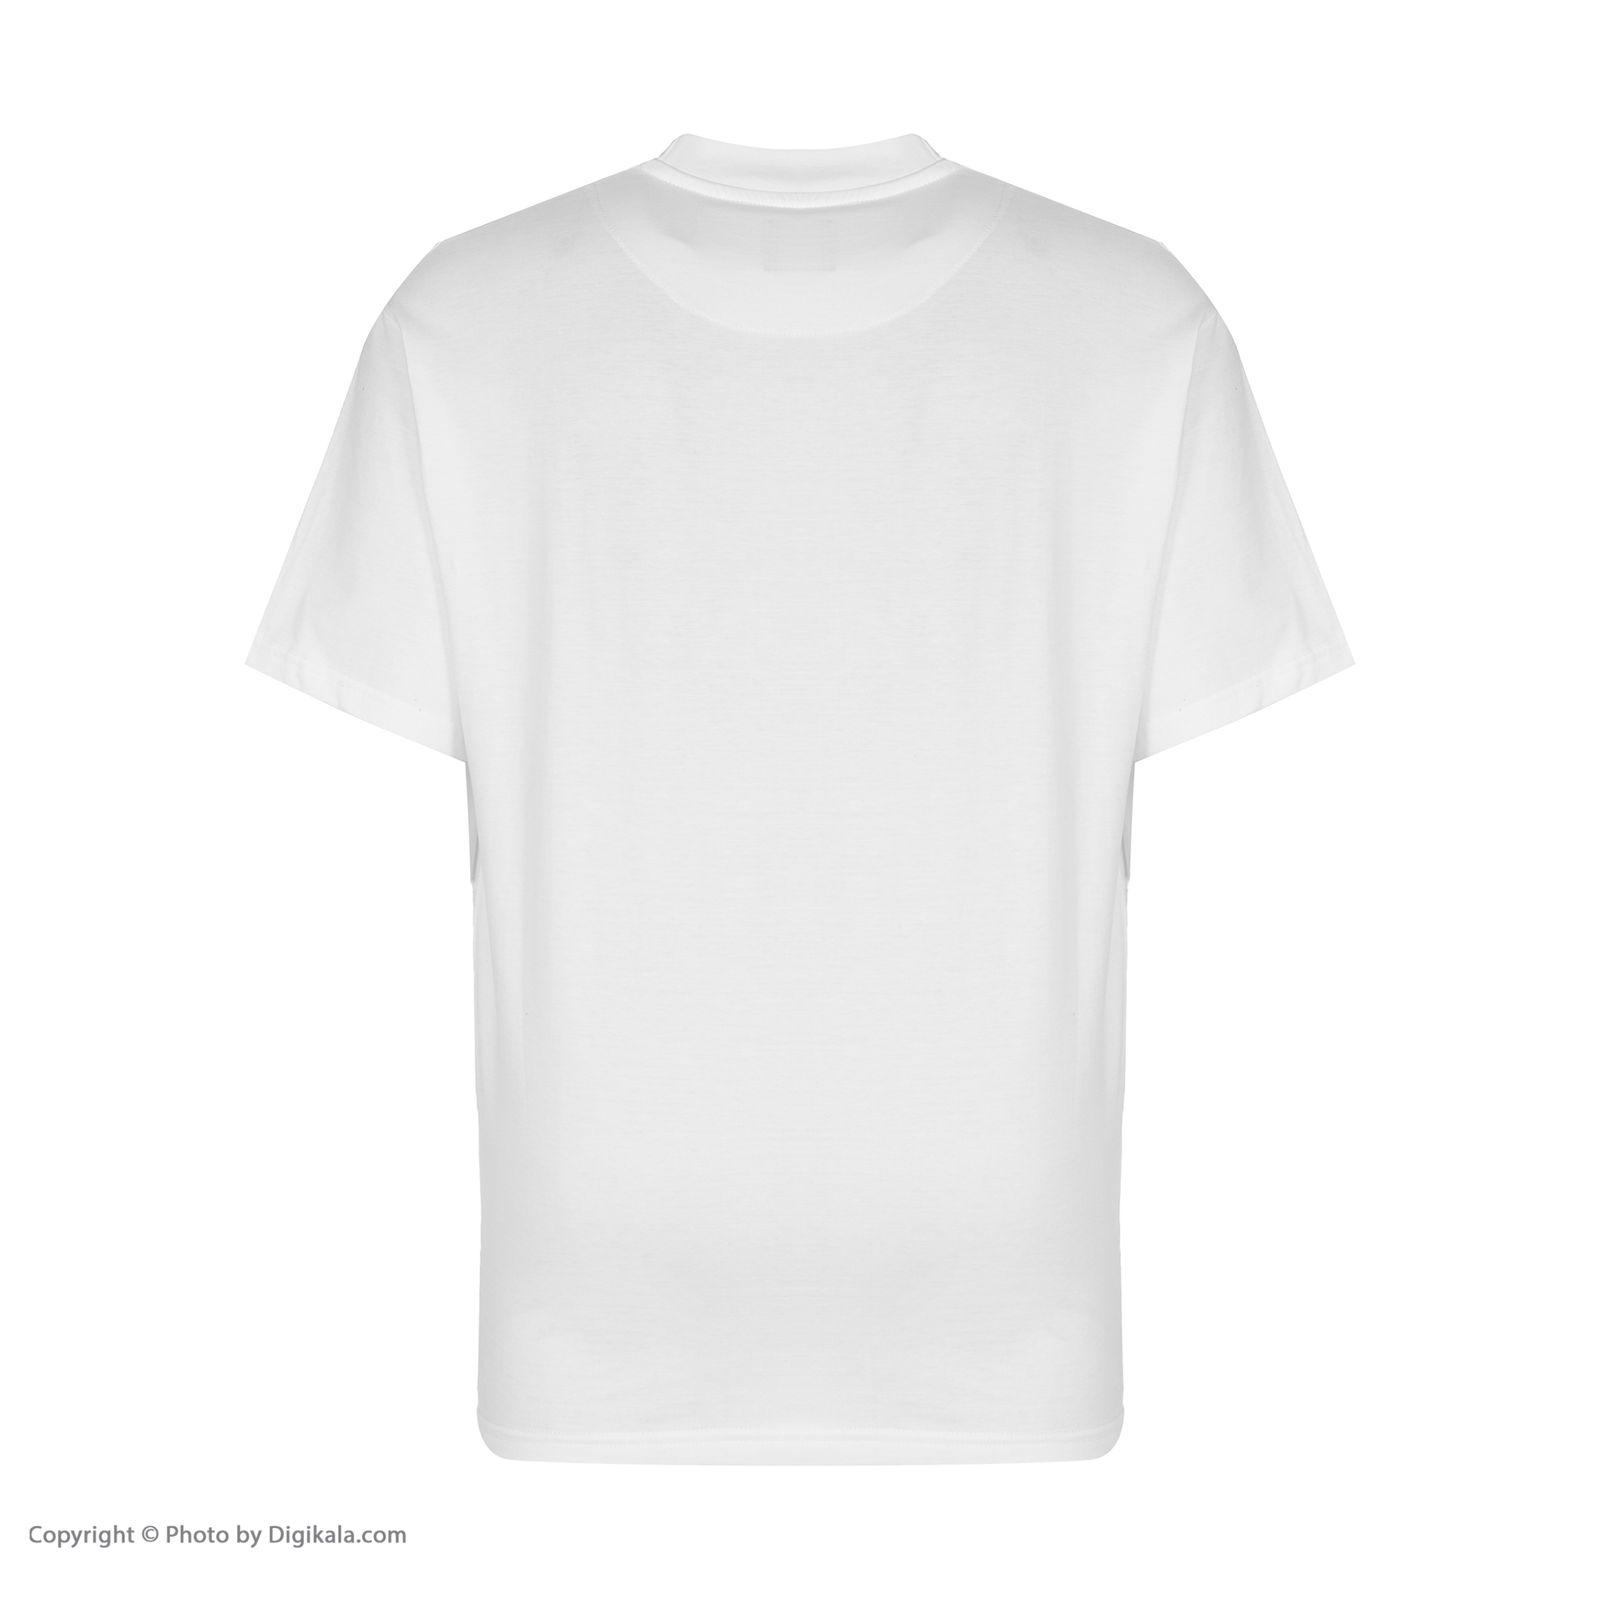 تیشرت آستین کوتاه مردانه گری مدل H20 -  - 3